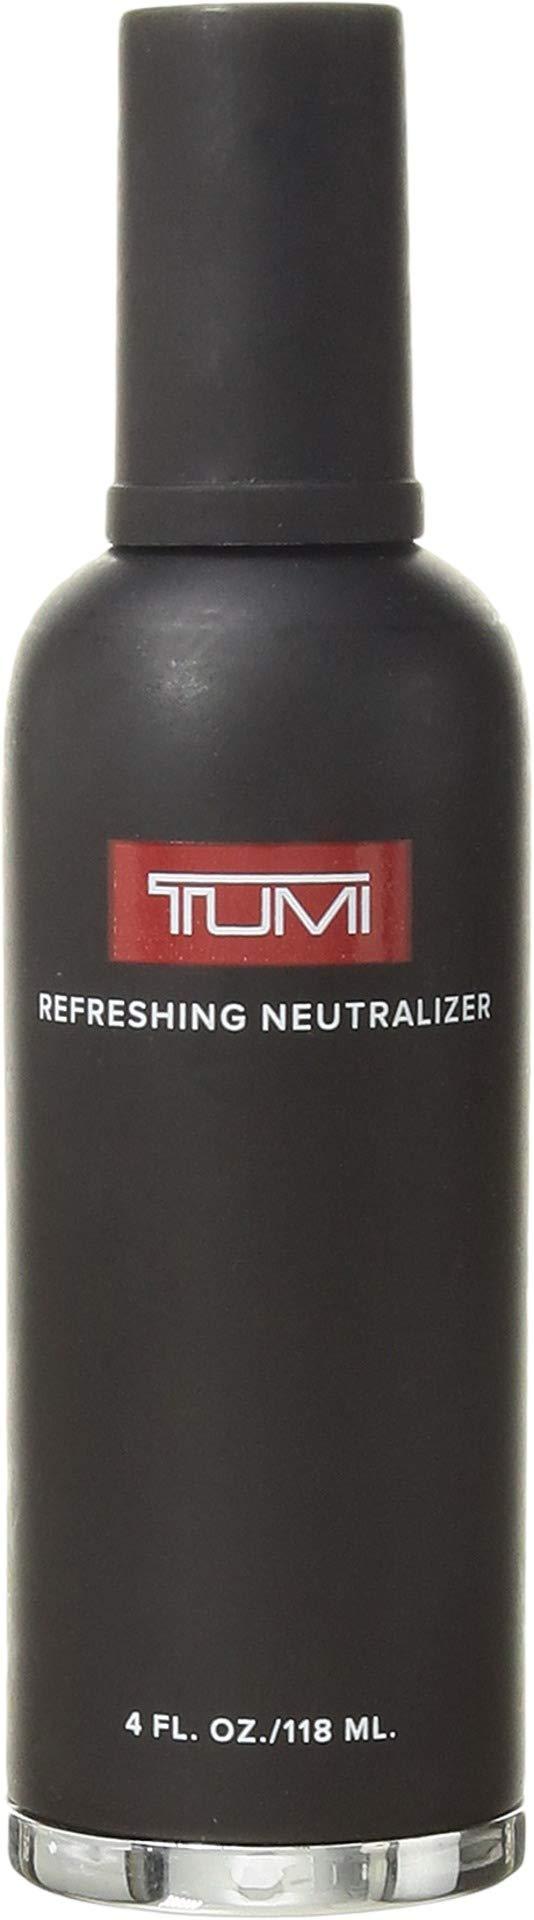 Tumi Unisex Refreshing Neutralizer Black One Size